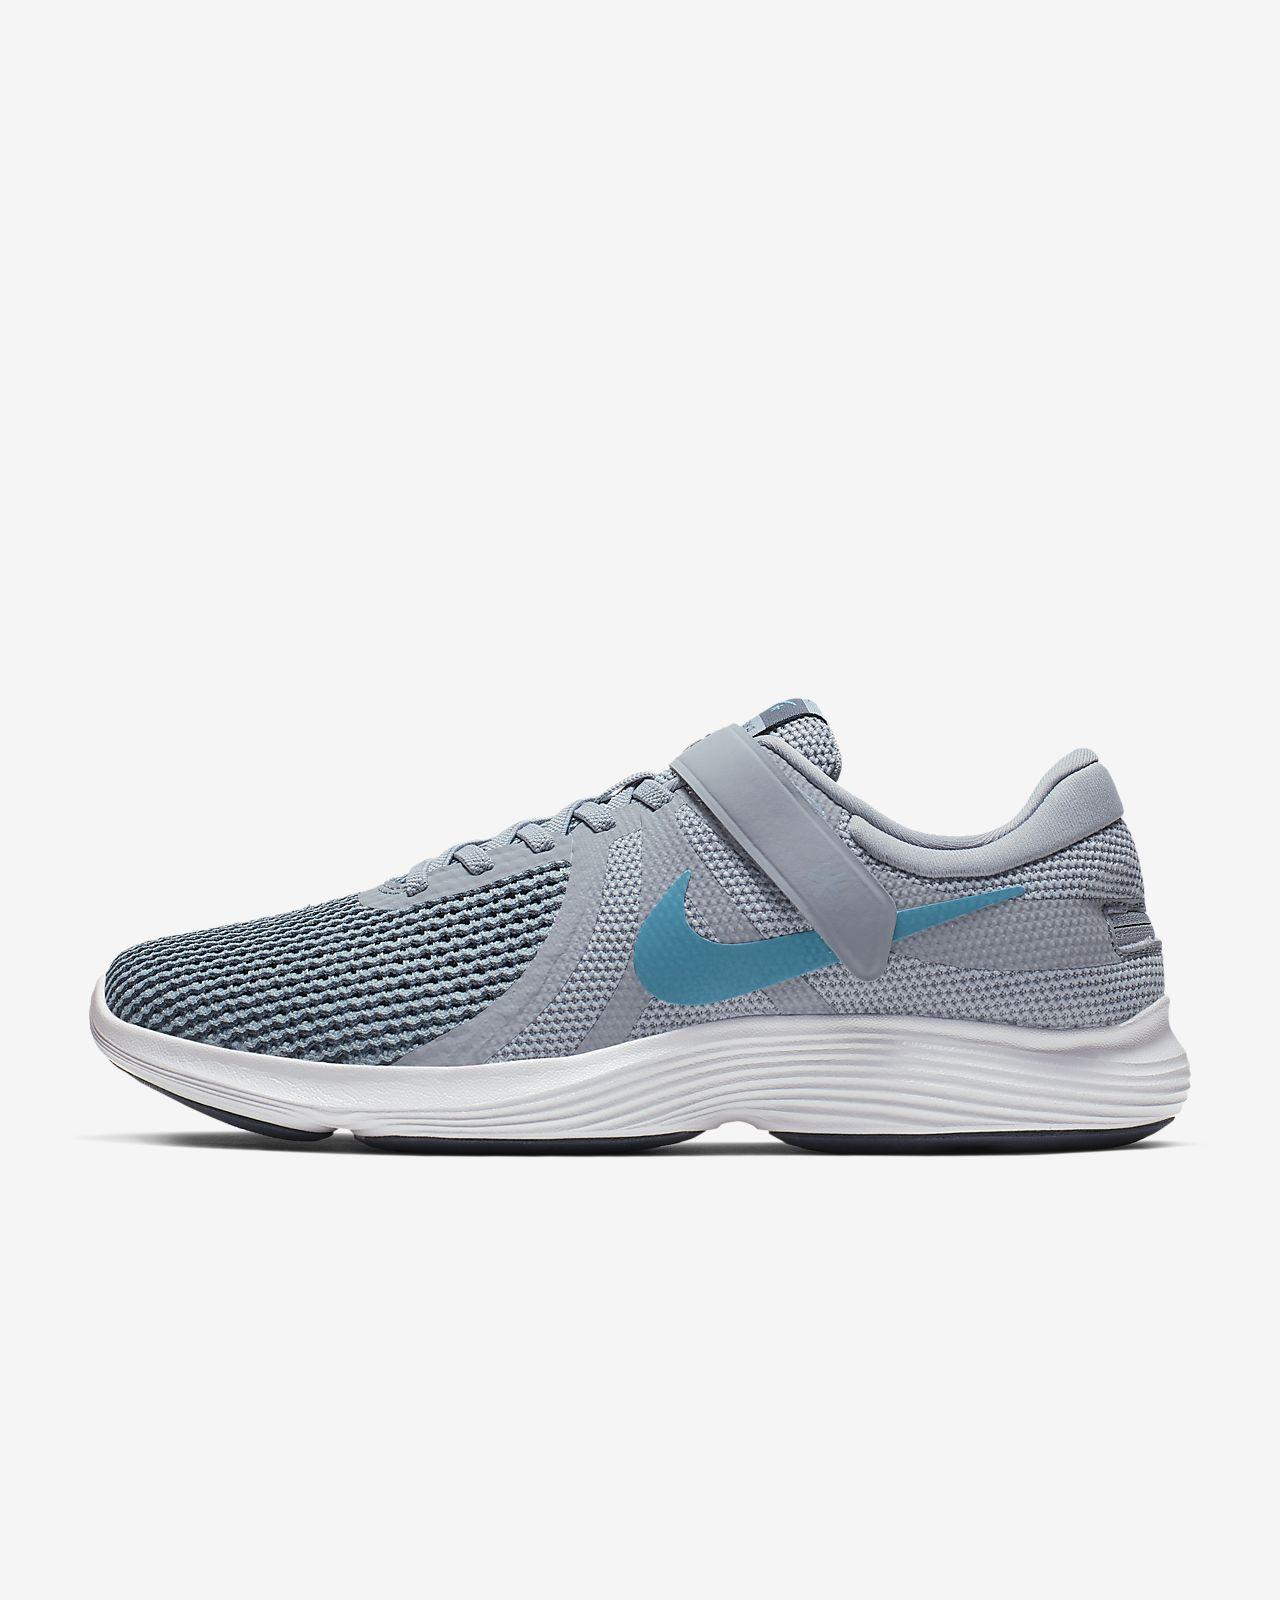 acef78ba094 Nike Revolution 4 FlyEase Zapatillas de running - Hombre. Nike.com ES